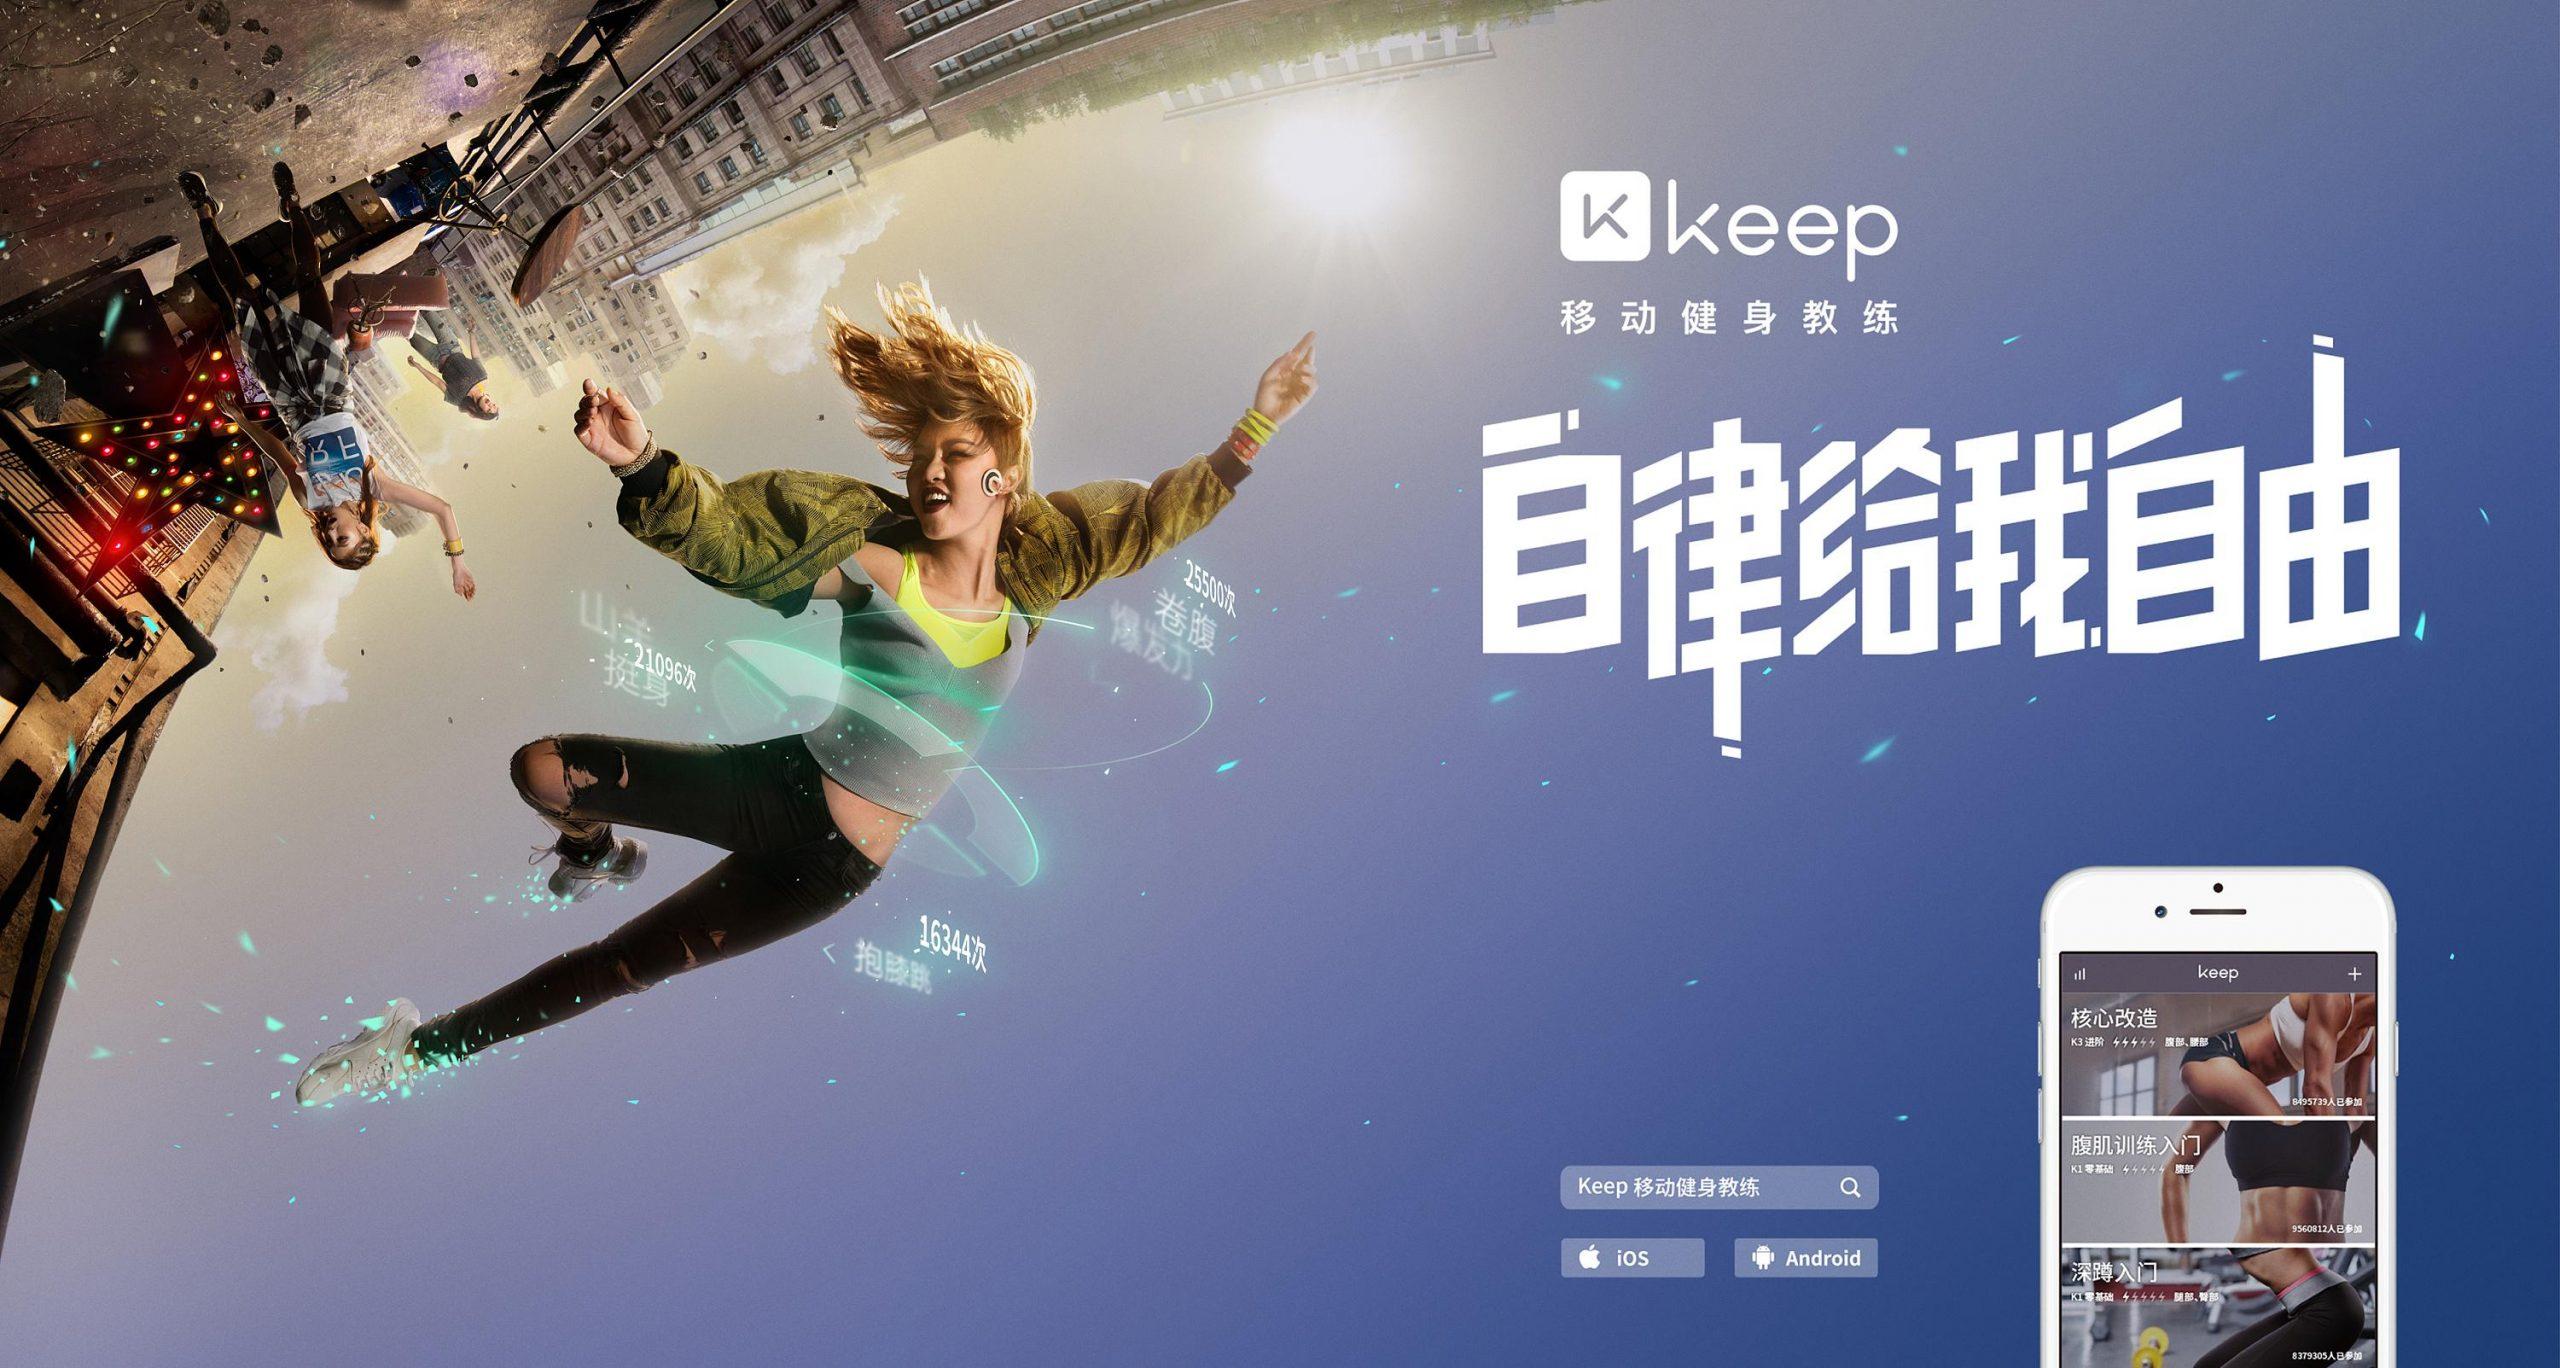 """Keep携手瑞云服务云,""""云""""端服务让运动更自由"""